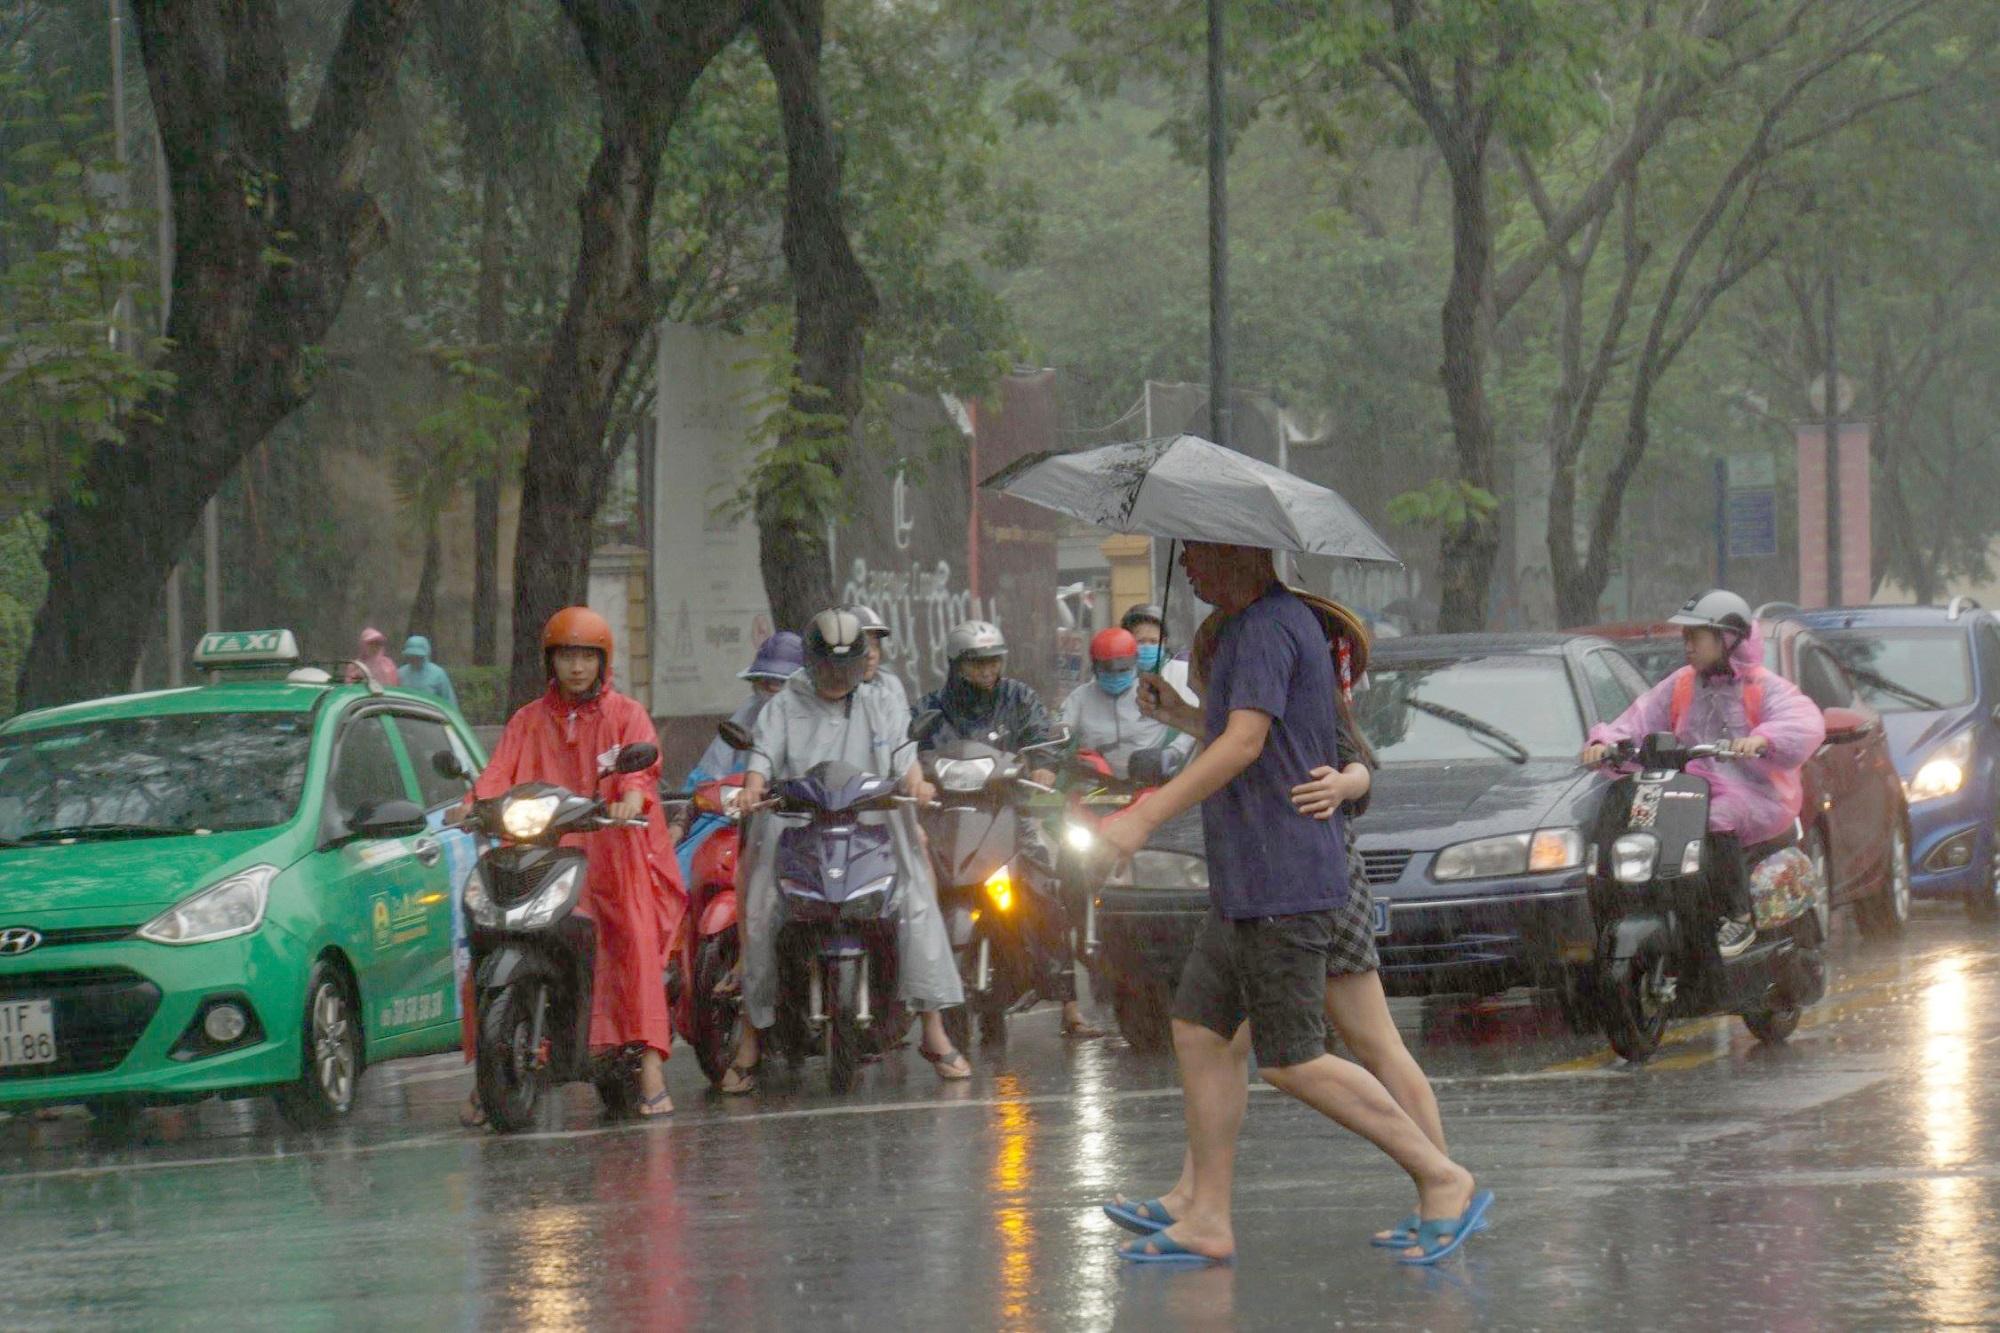 Sài Gòn mưa như trút nước, du khách thoải mái dạo mưa chụp ảnh - Ảnh 3